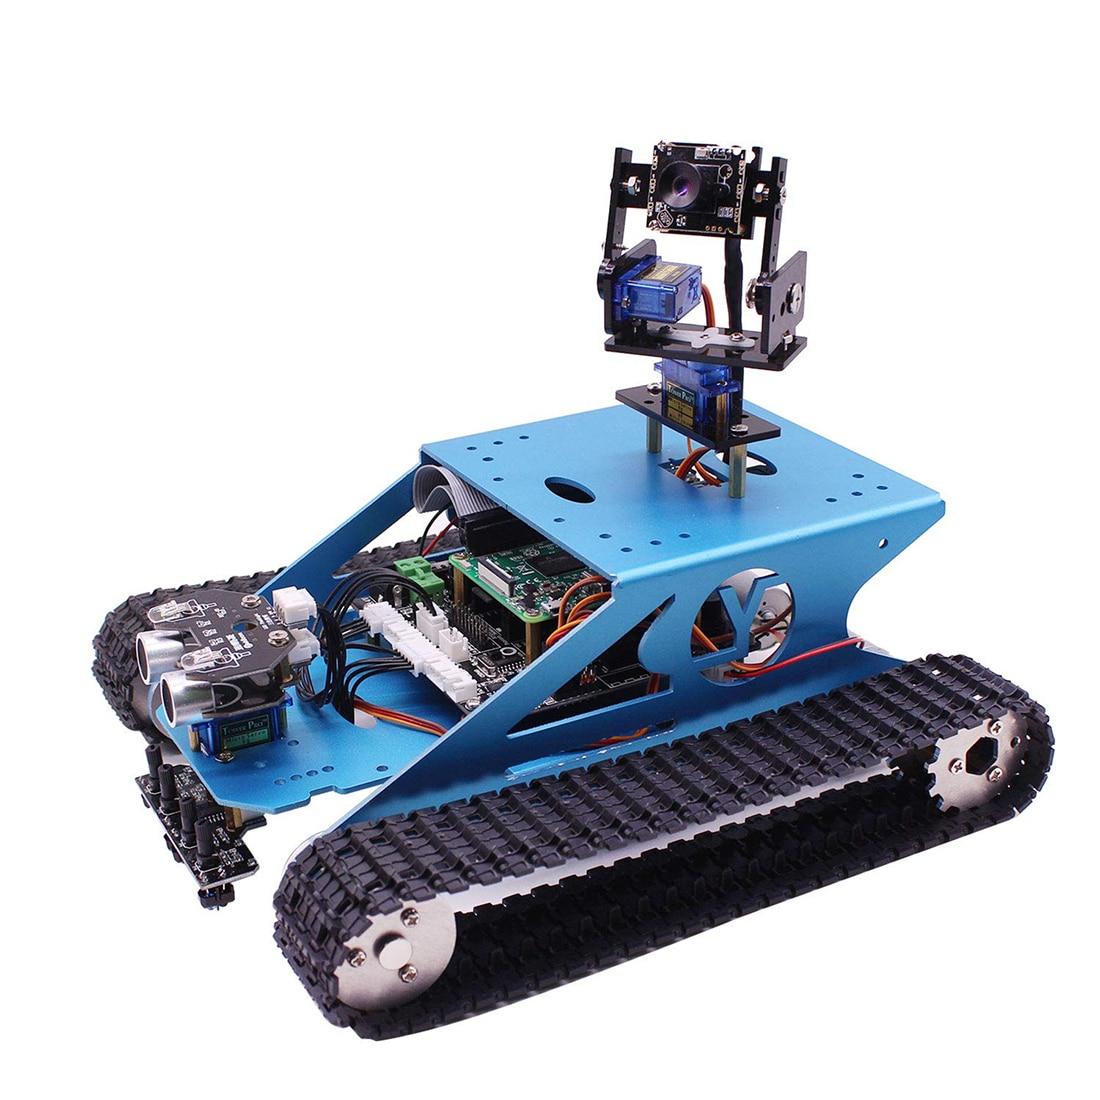 Raspberry Pi Tank Smart bricolage programmation Kit robotique WiFi jouet vidéo sans fil Compatible RPI 3B/3B + (y compris: Raspberry Pi)